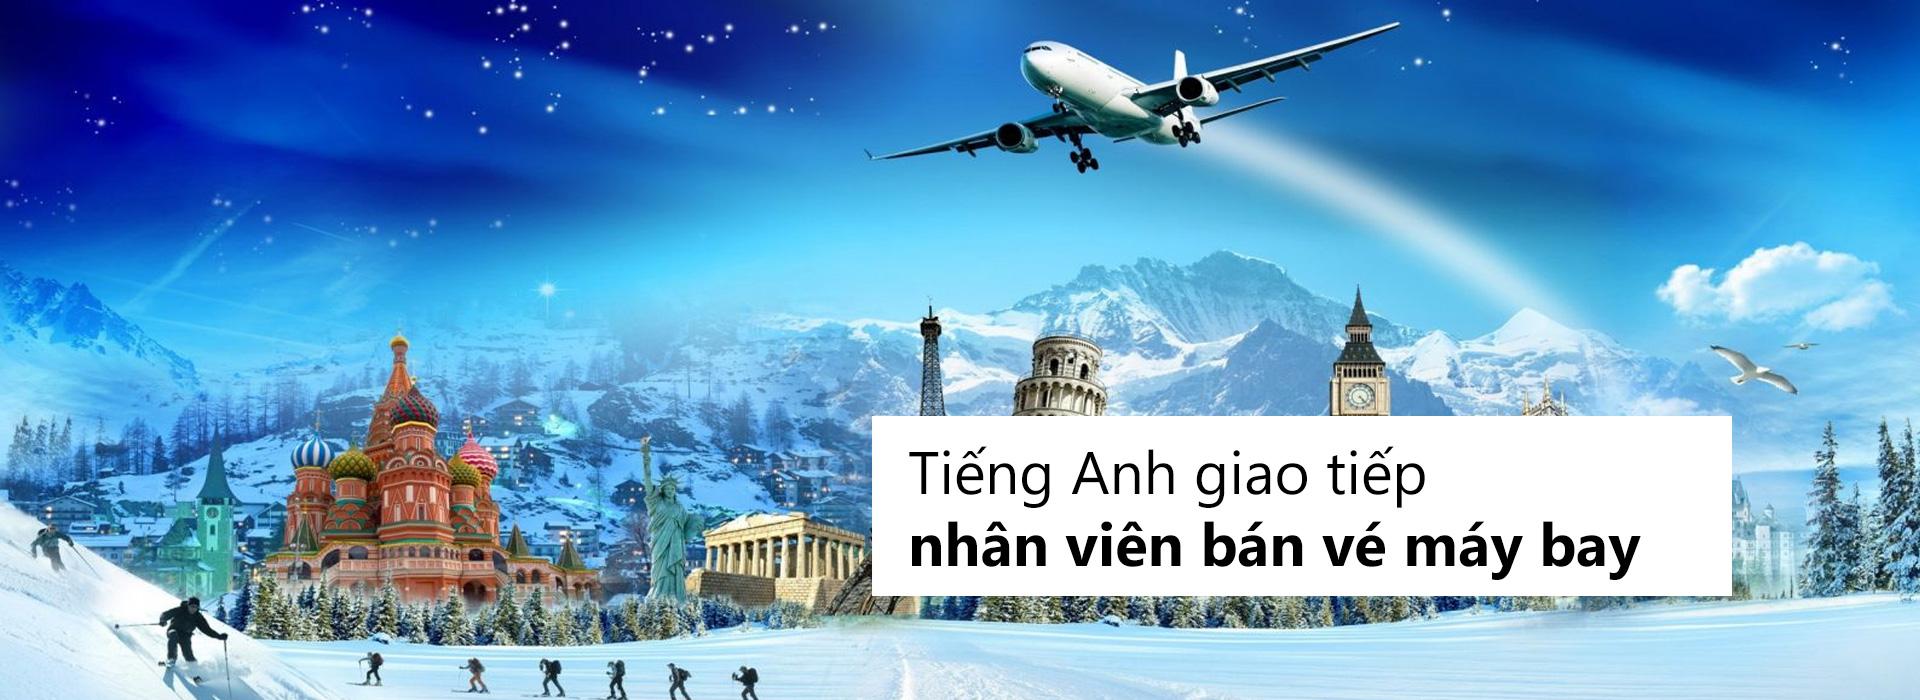 tieng-anh-nhan-vien-ban-ve-may-bay-02